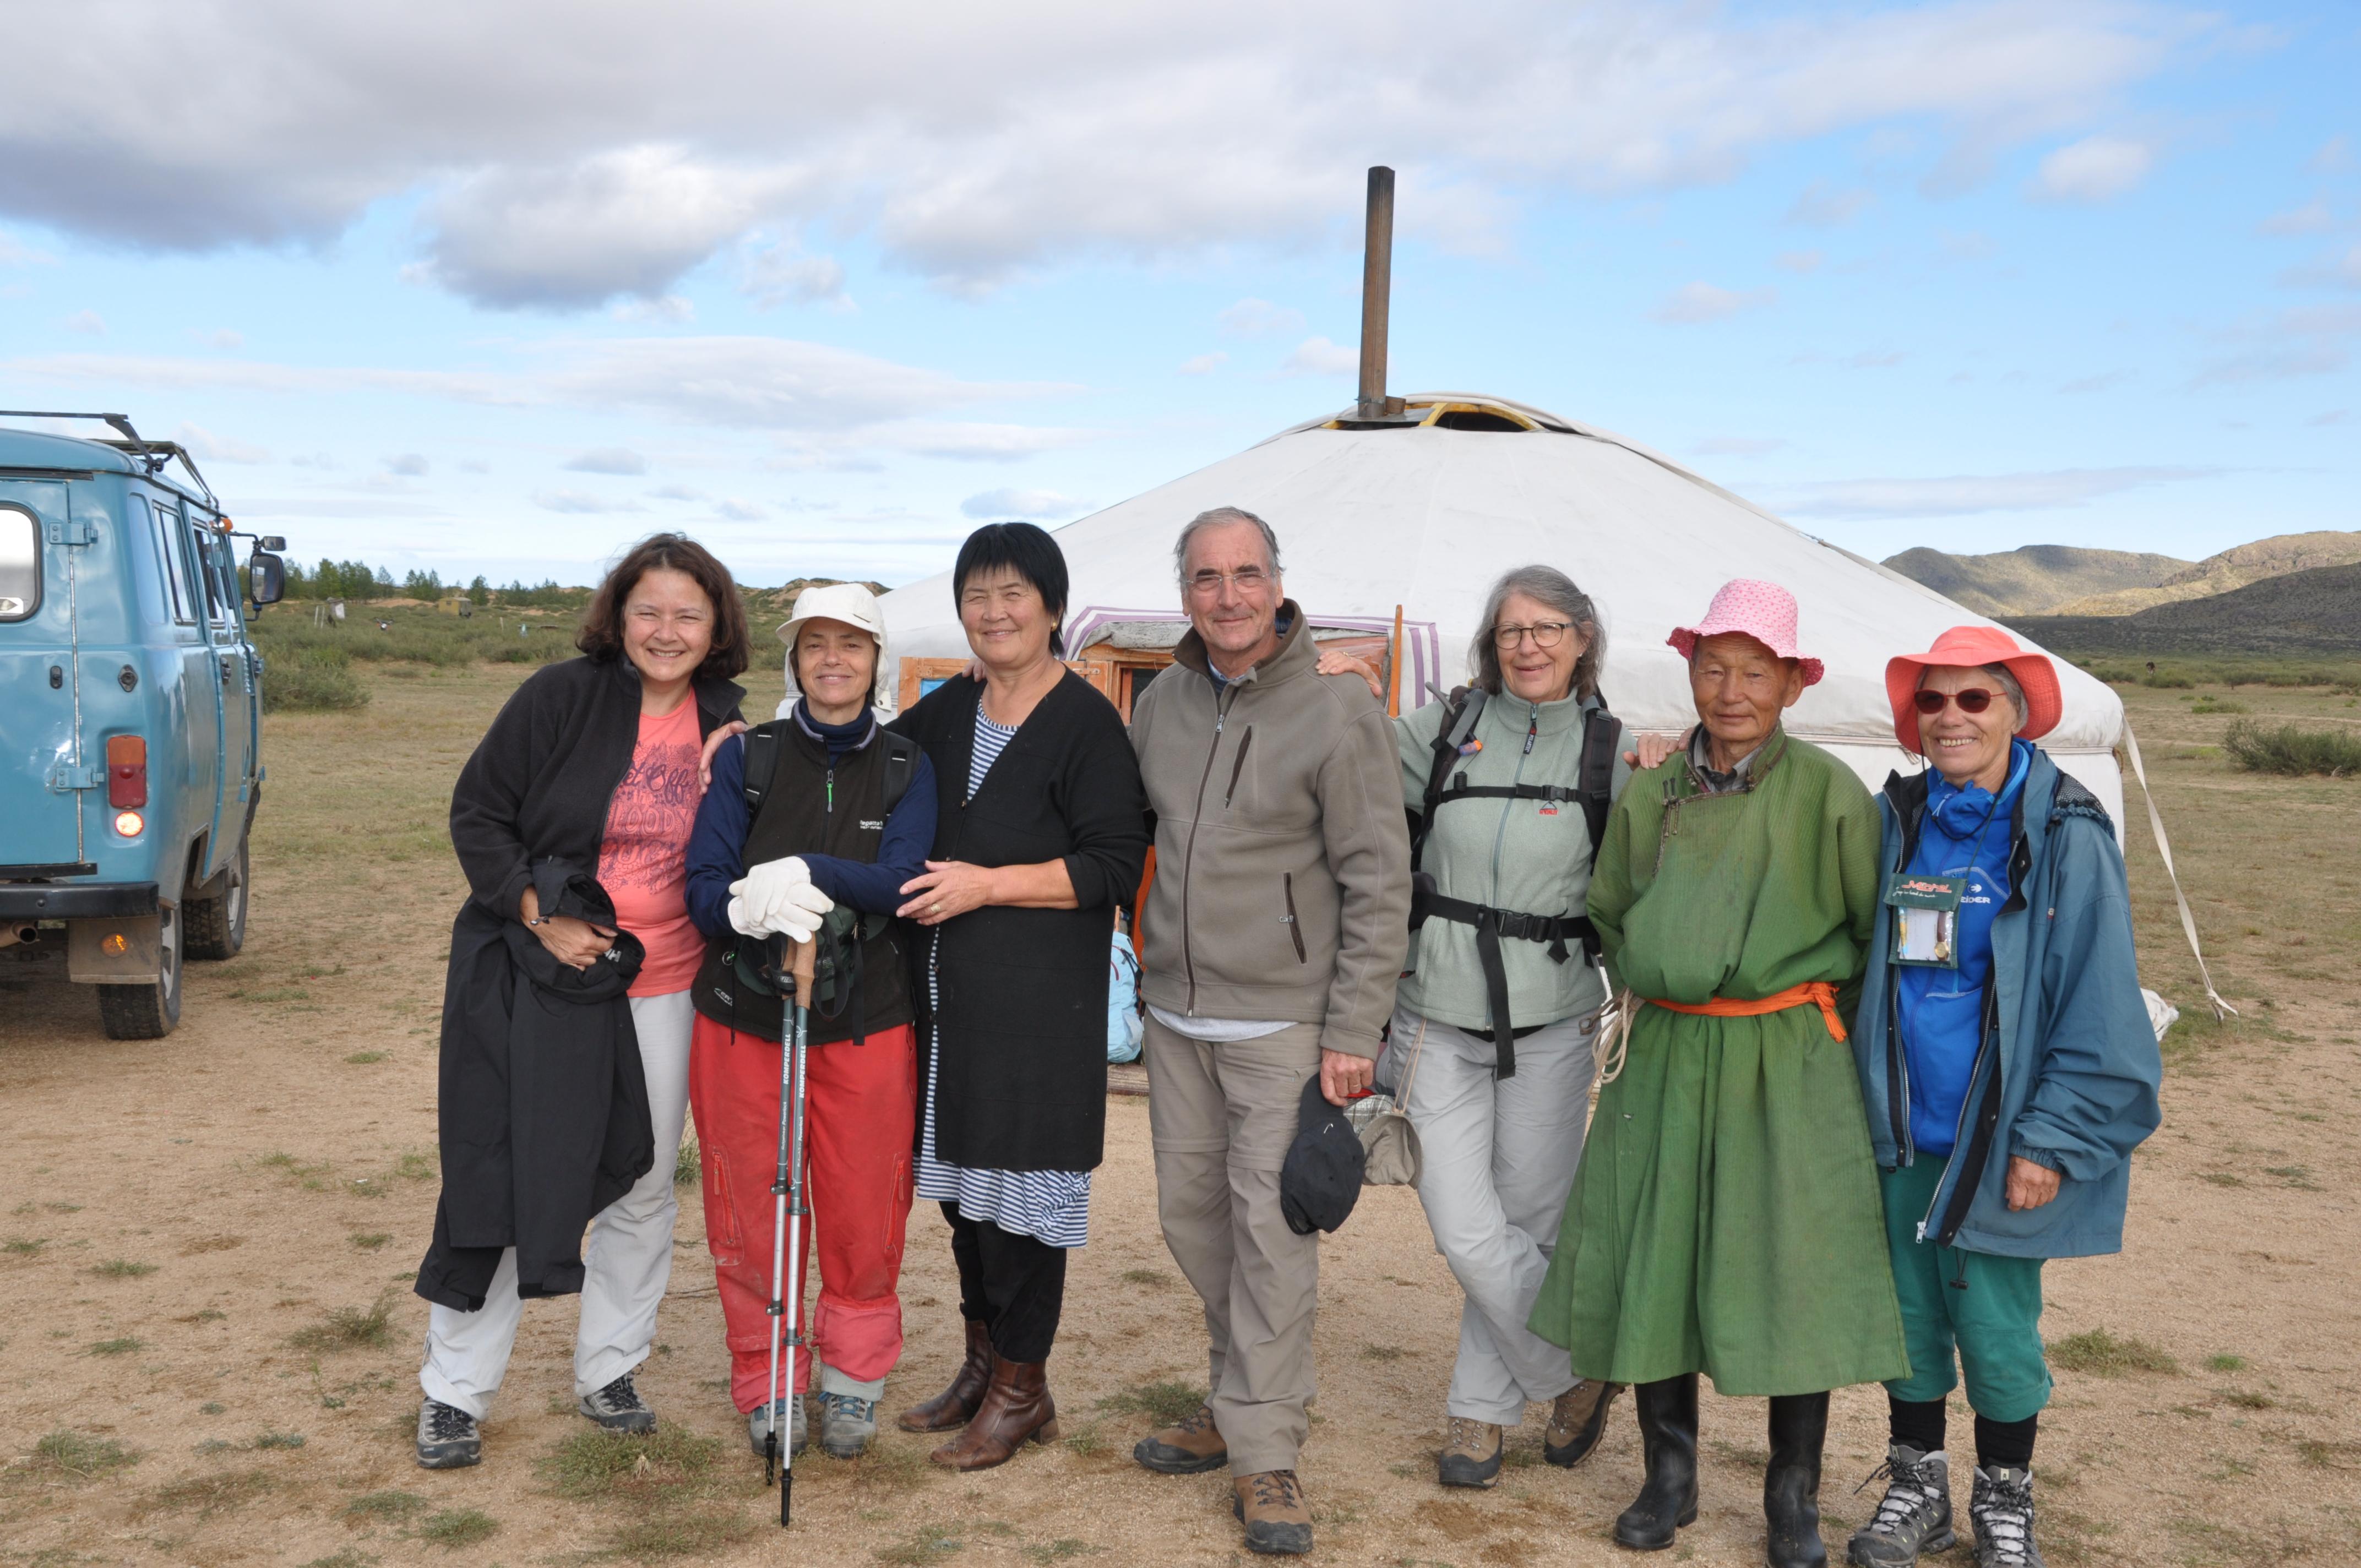 Photo groupe immersion chez les mongols - C tissot